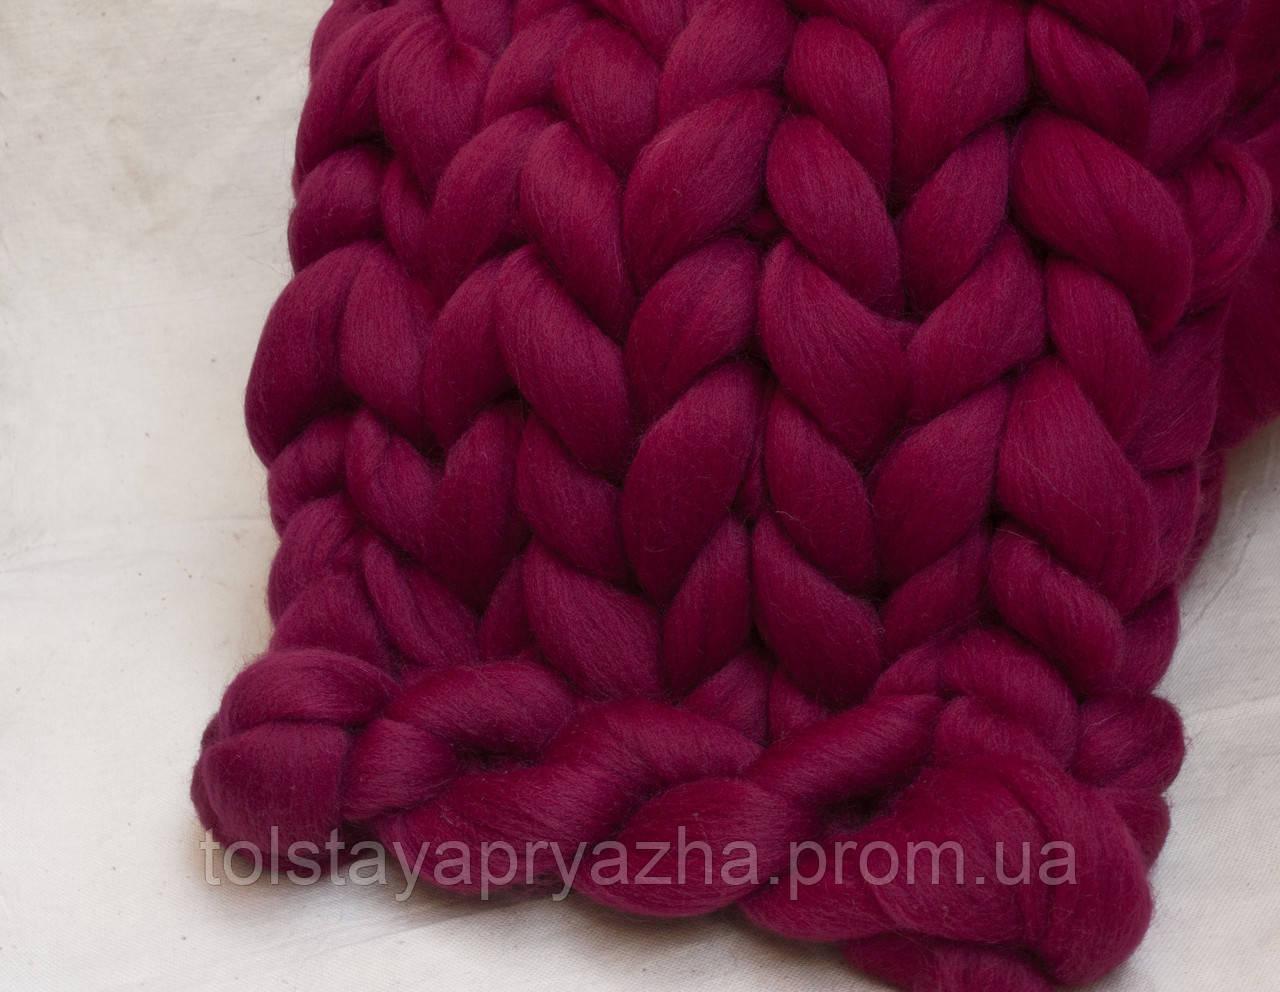 Плед из шерсти (цвет рубин)